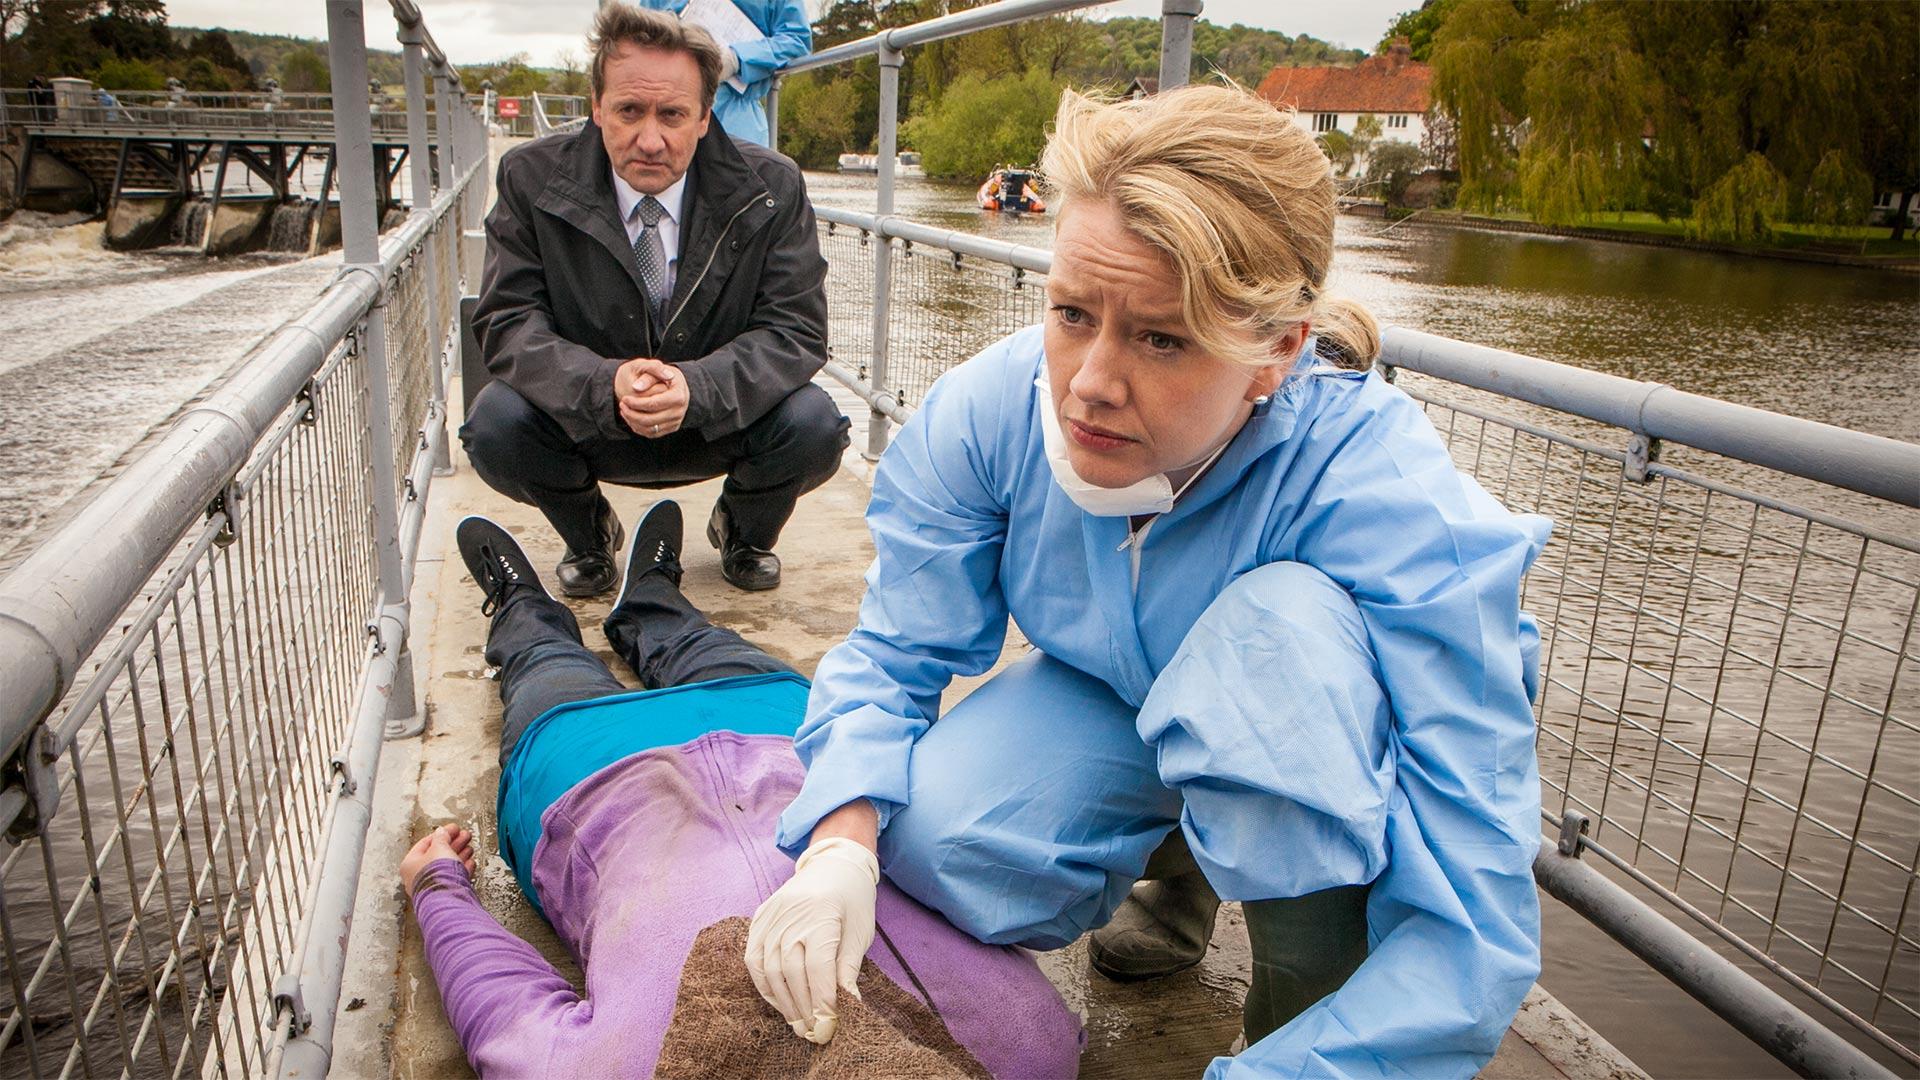 Midsomer Murders Season 16: Let Us Prey